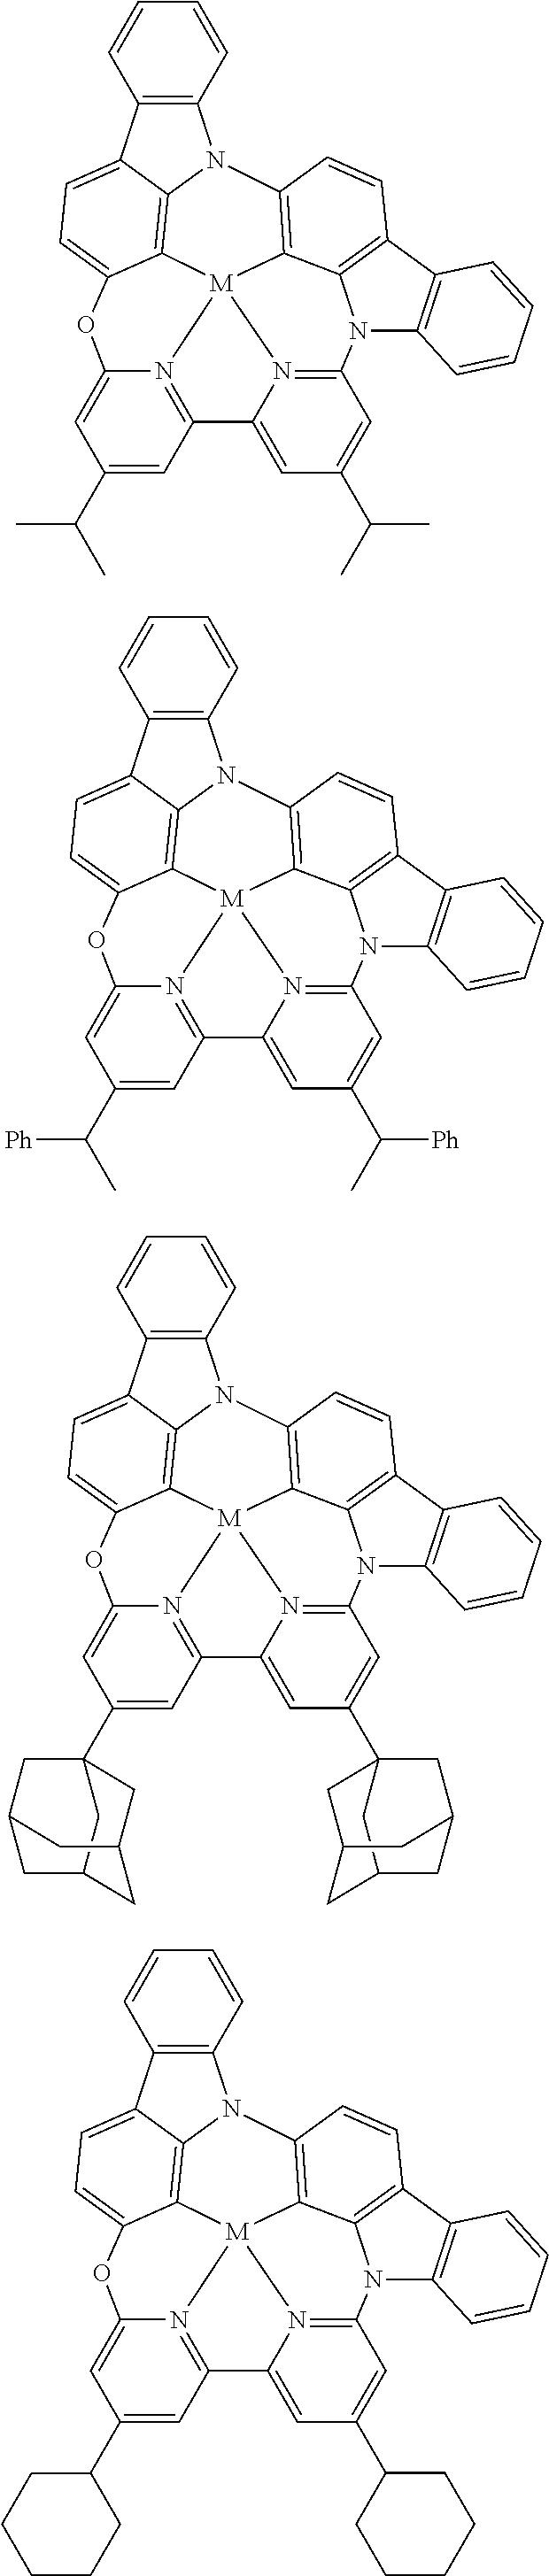 Figure US10158091-20181218-C00091